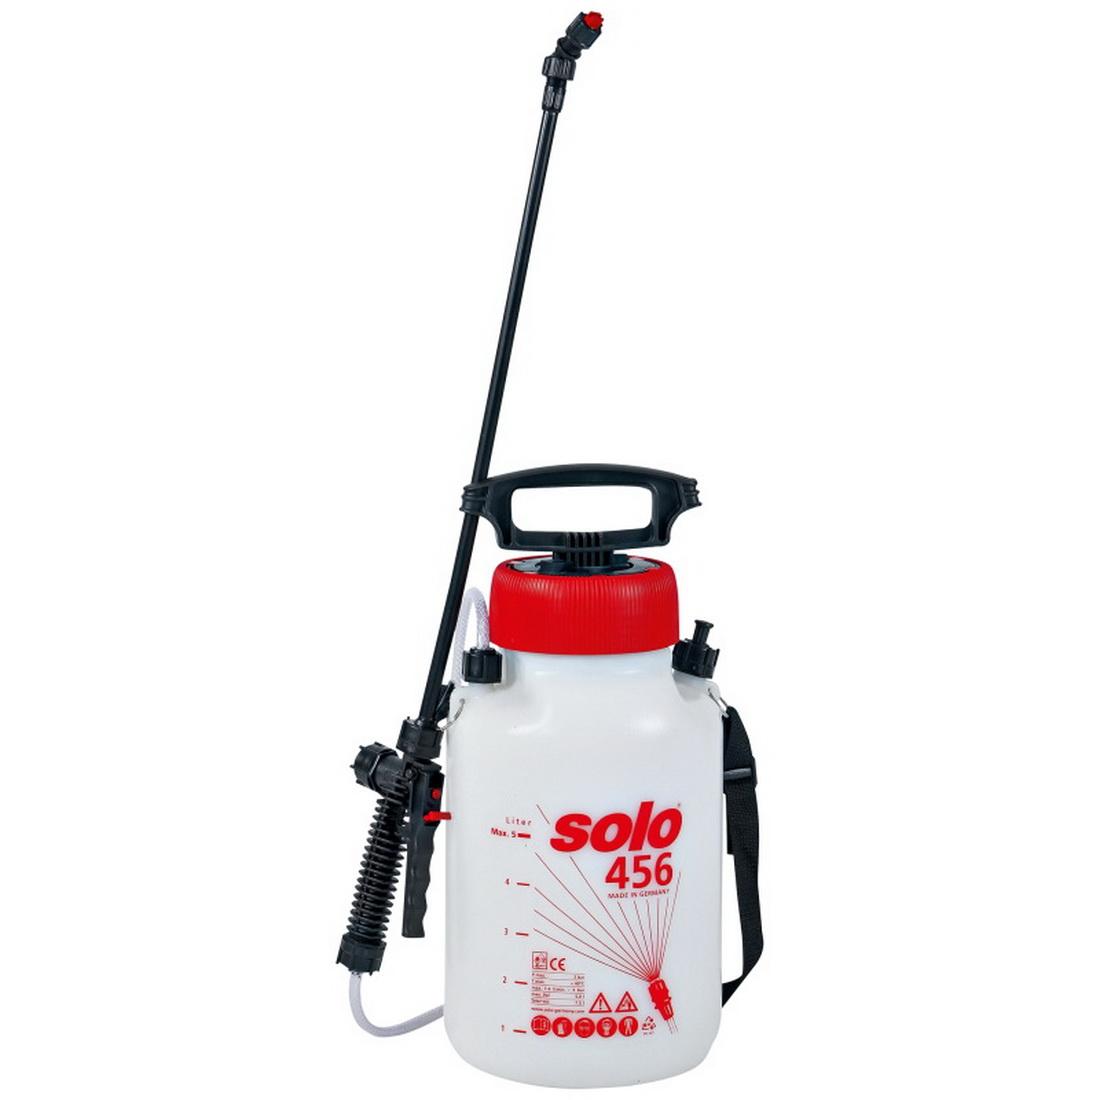 Solo Professional Manual Heavy Duty Pressure Sprayer 5 L 456